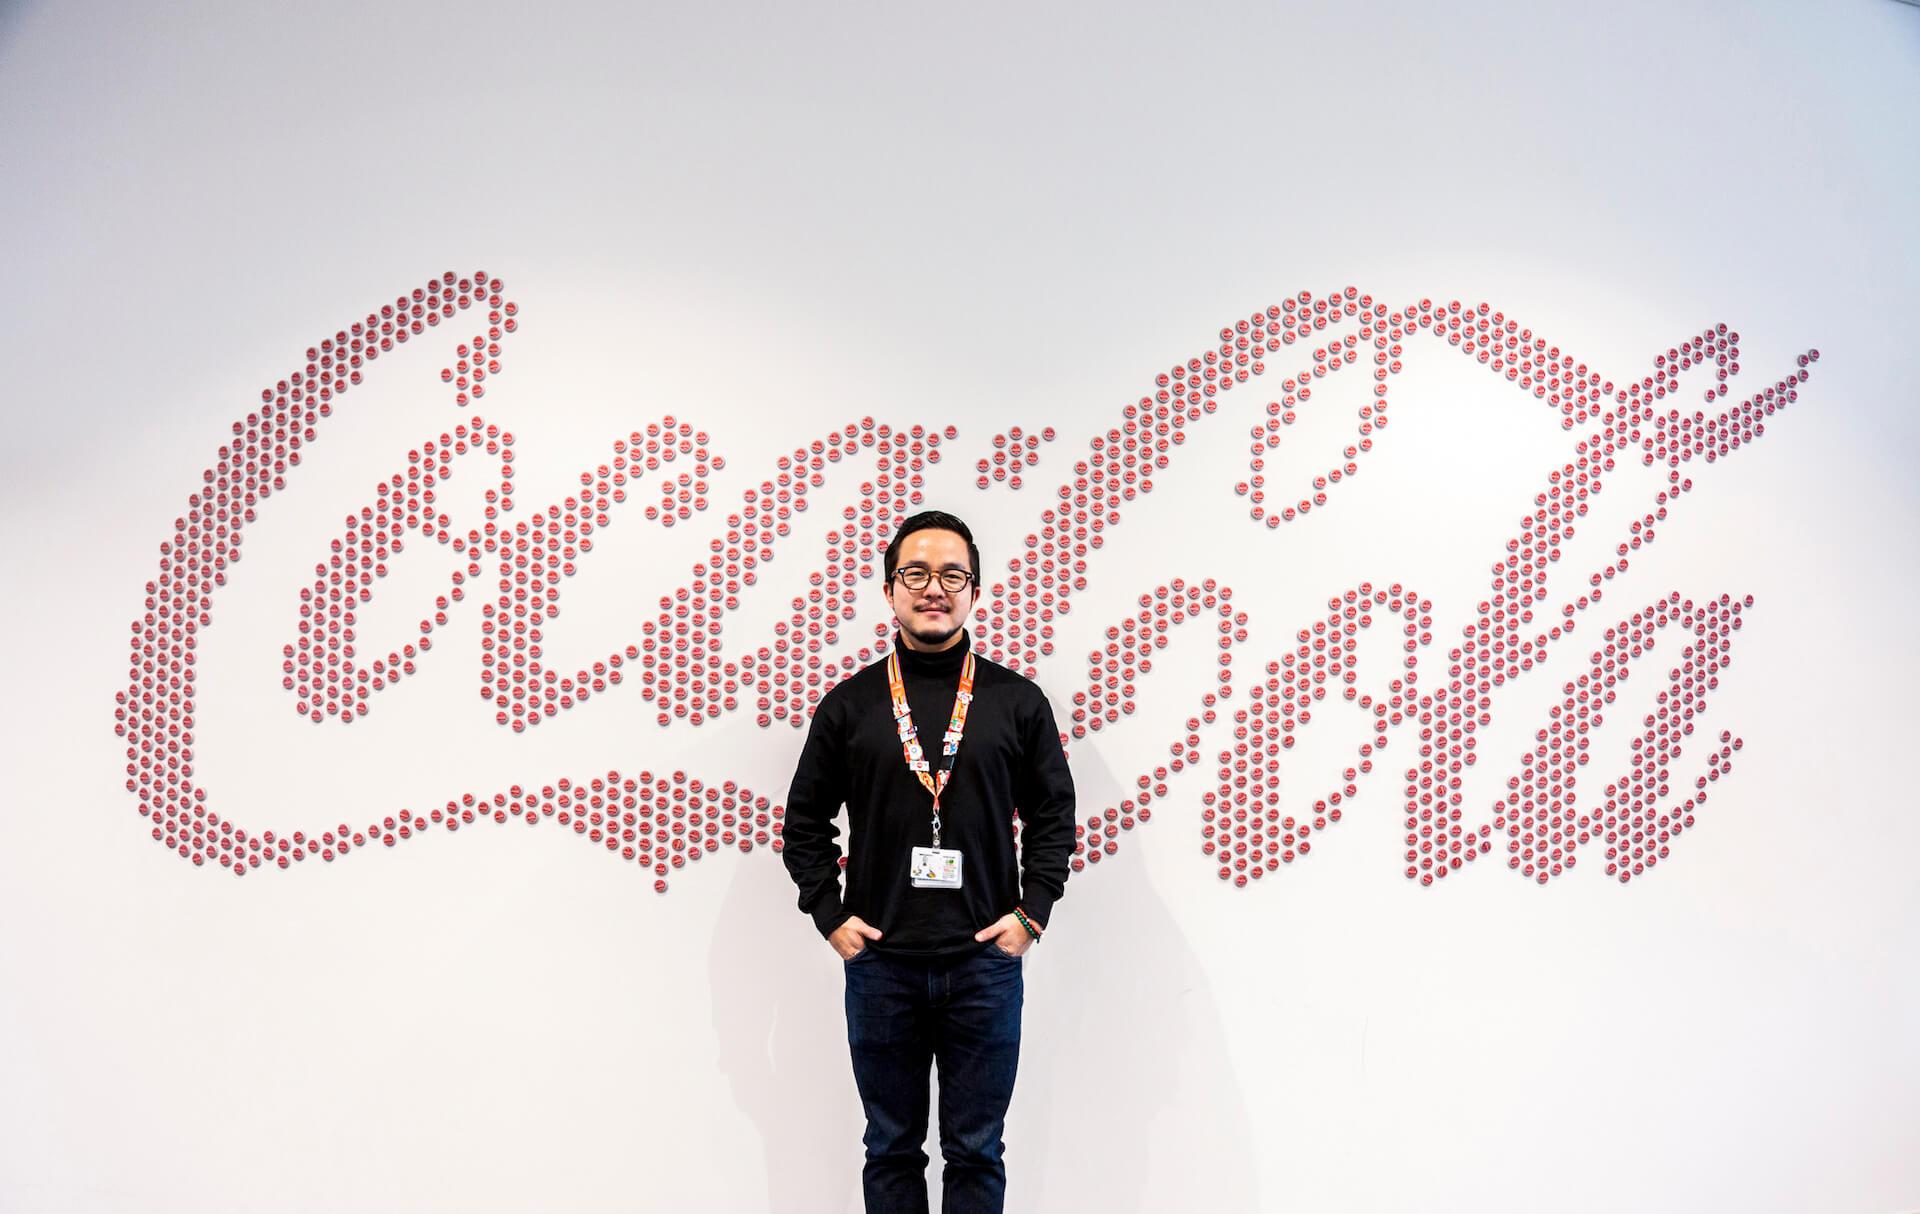 VERDYデザインのオリジナルピンから紐解く、コカ・コーラ社が東京2020オリンピックに込める想い interview-cocacola-verdy-9